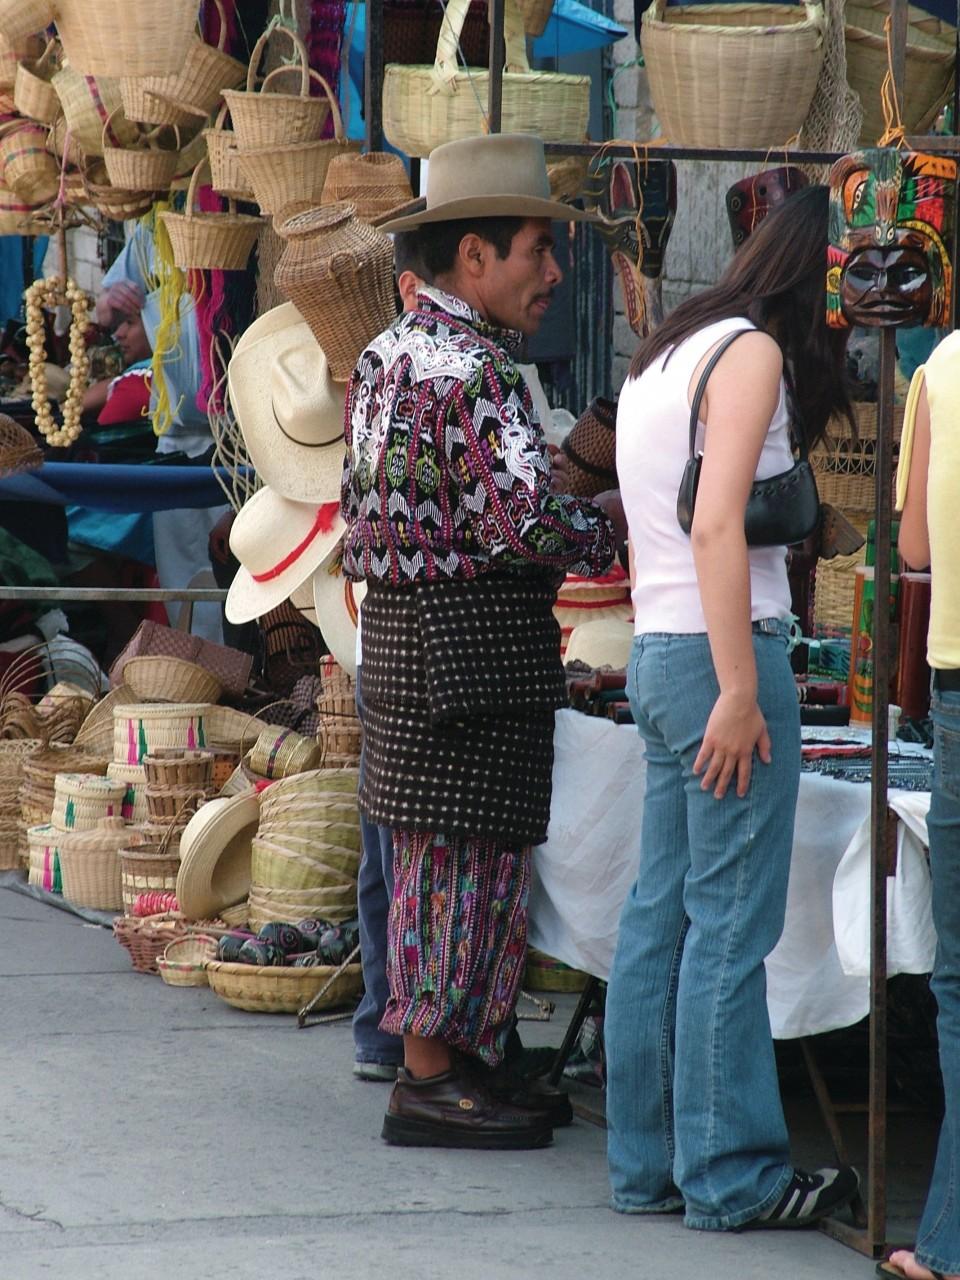 Vendeur sur le marché de quetzaltenango. (© Binax - Fotolia))